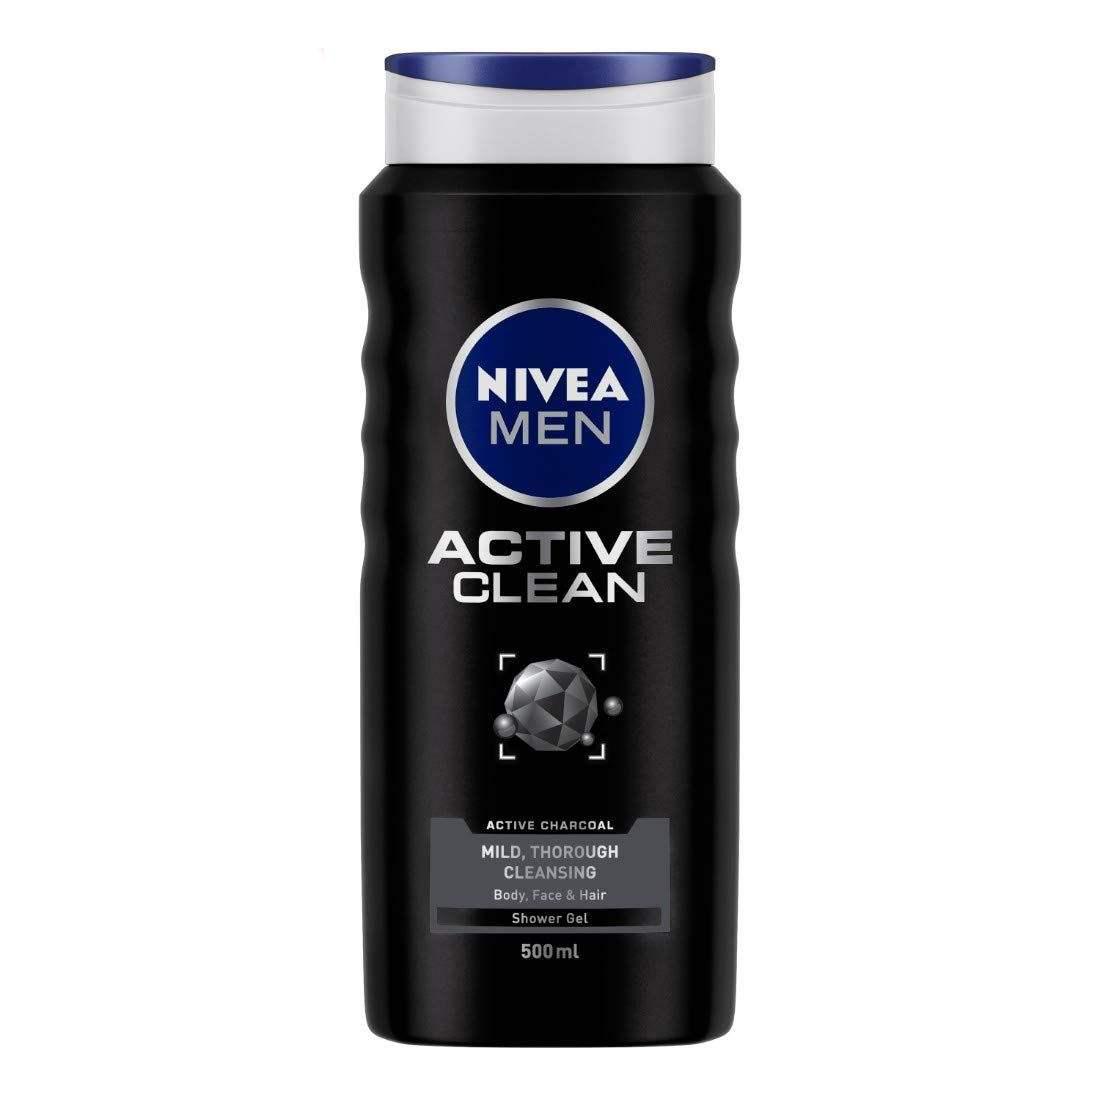 شامپو مو و بدن نیوآ مدل Active Clean حجم ۵۰۰ میلی لیتر